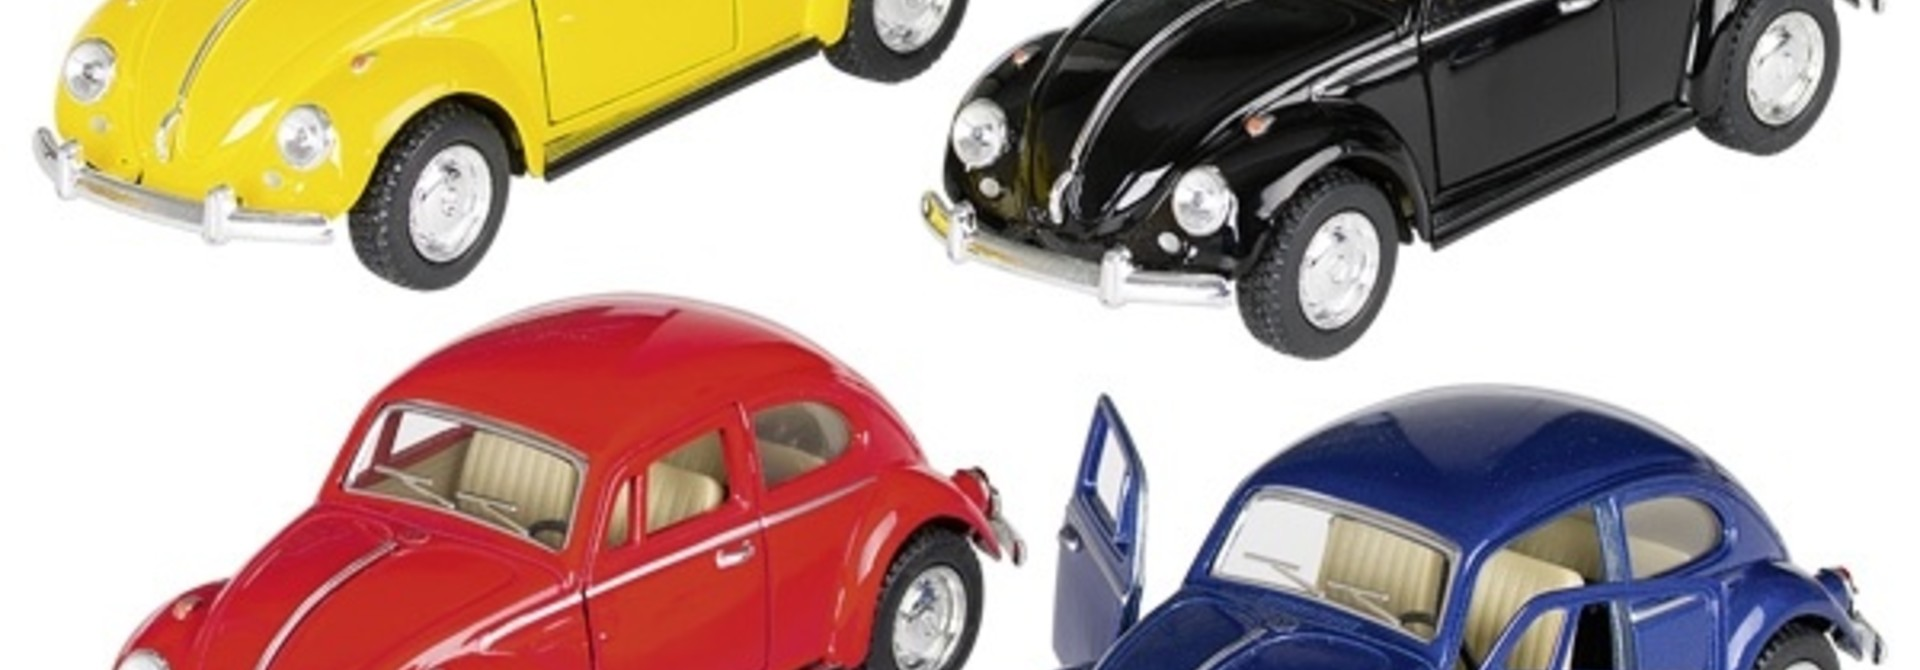 Volkswagen Beetle miniatuur